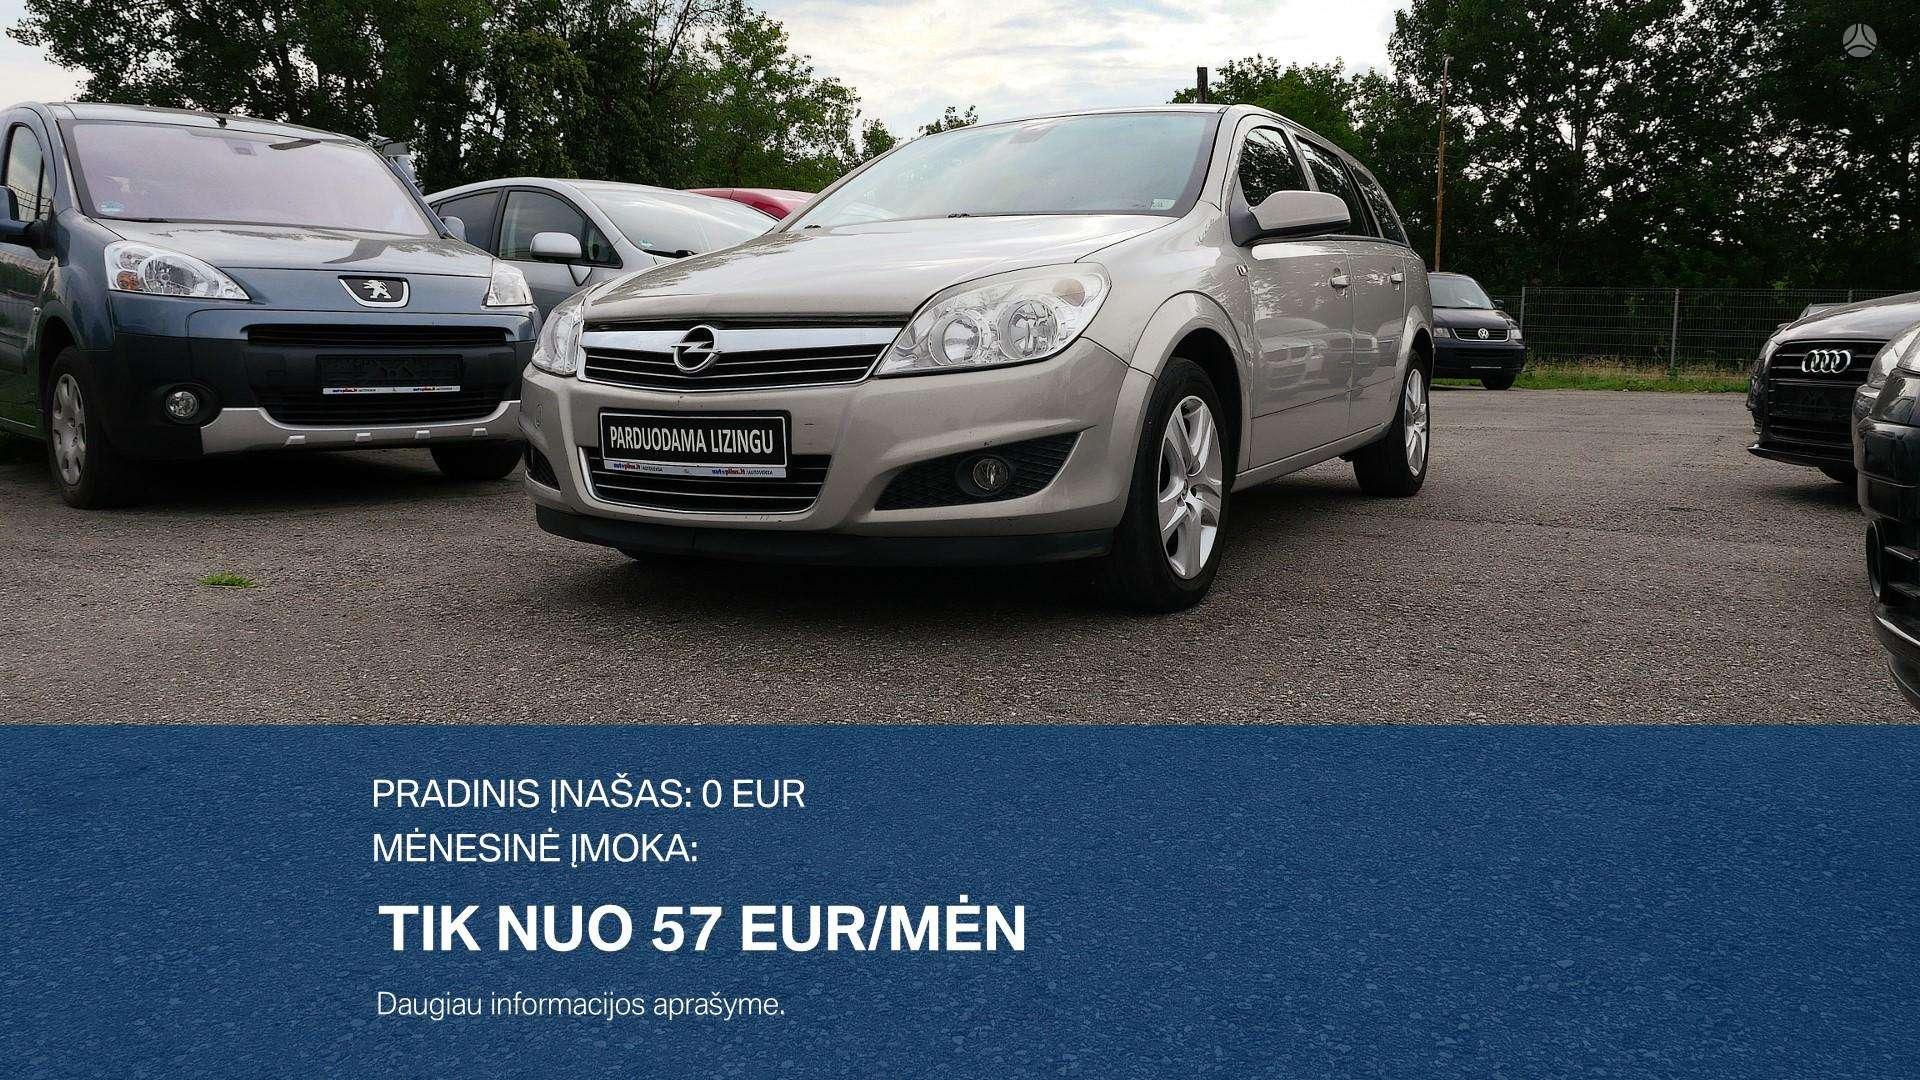 Opel Astra išsimokėtinai nuo 57Eur/Mėn su 3 mėnesių garantija